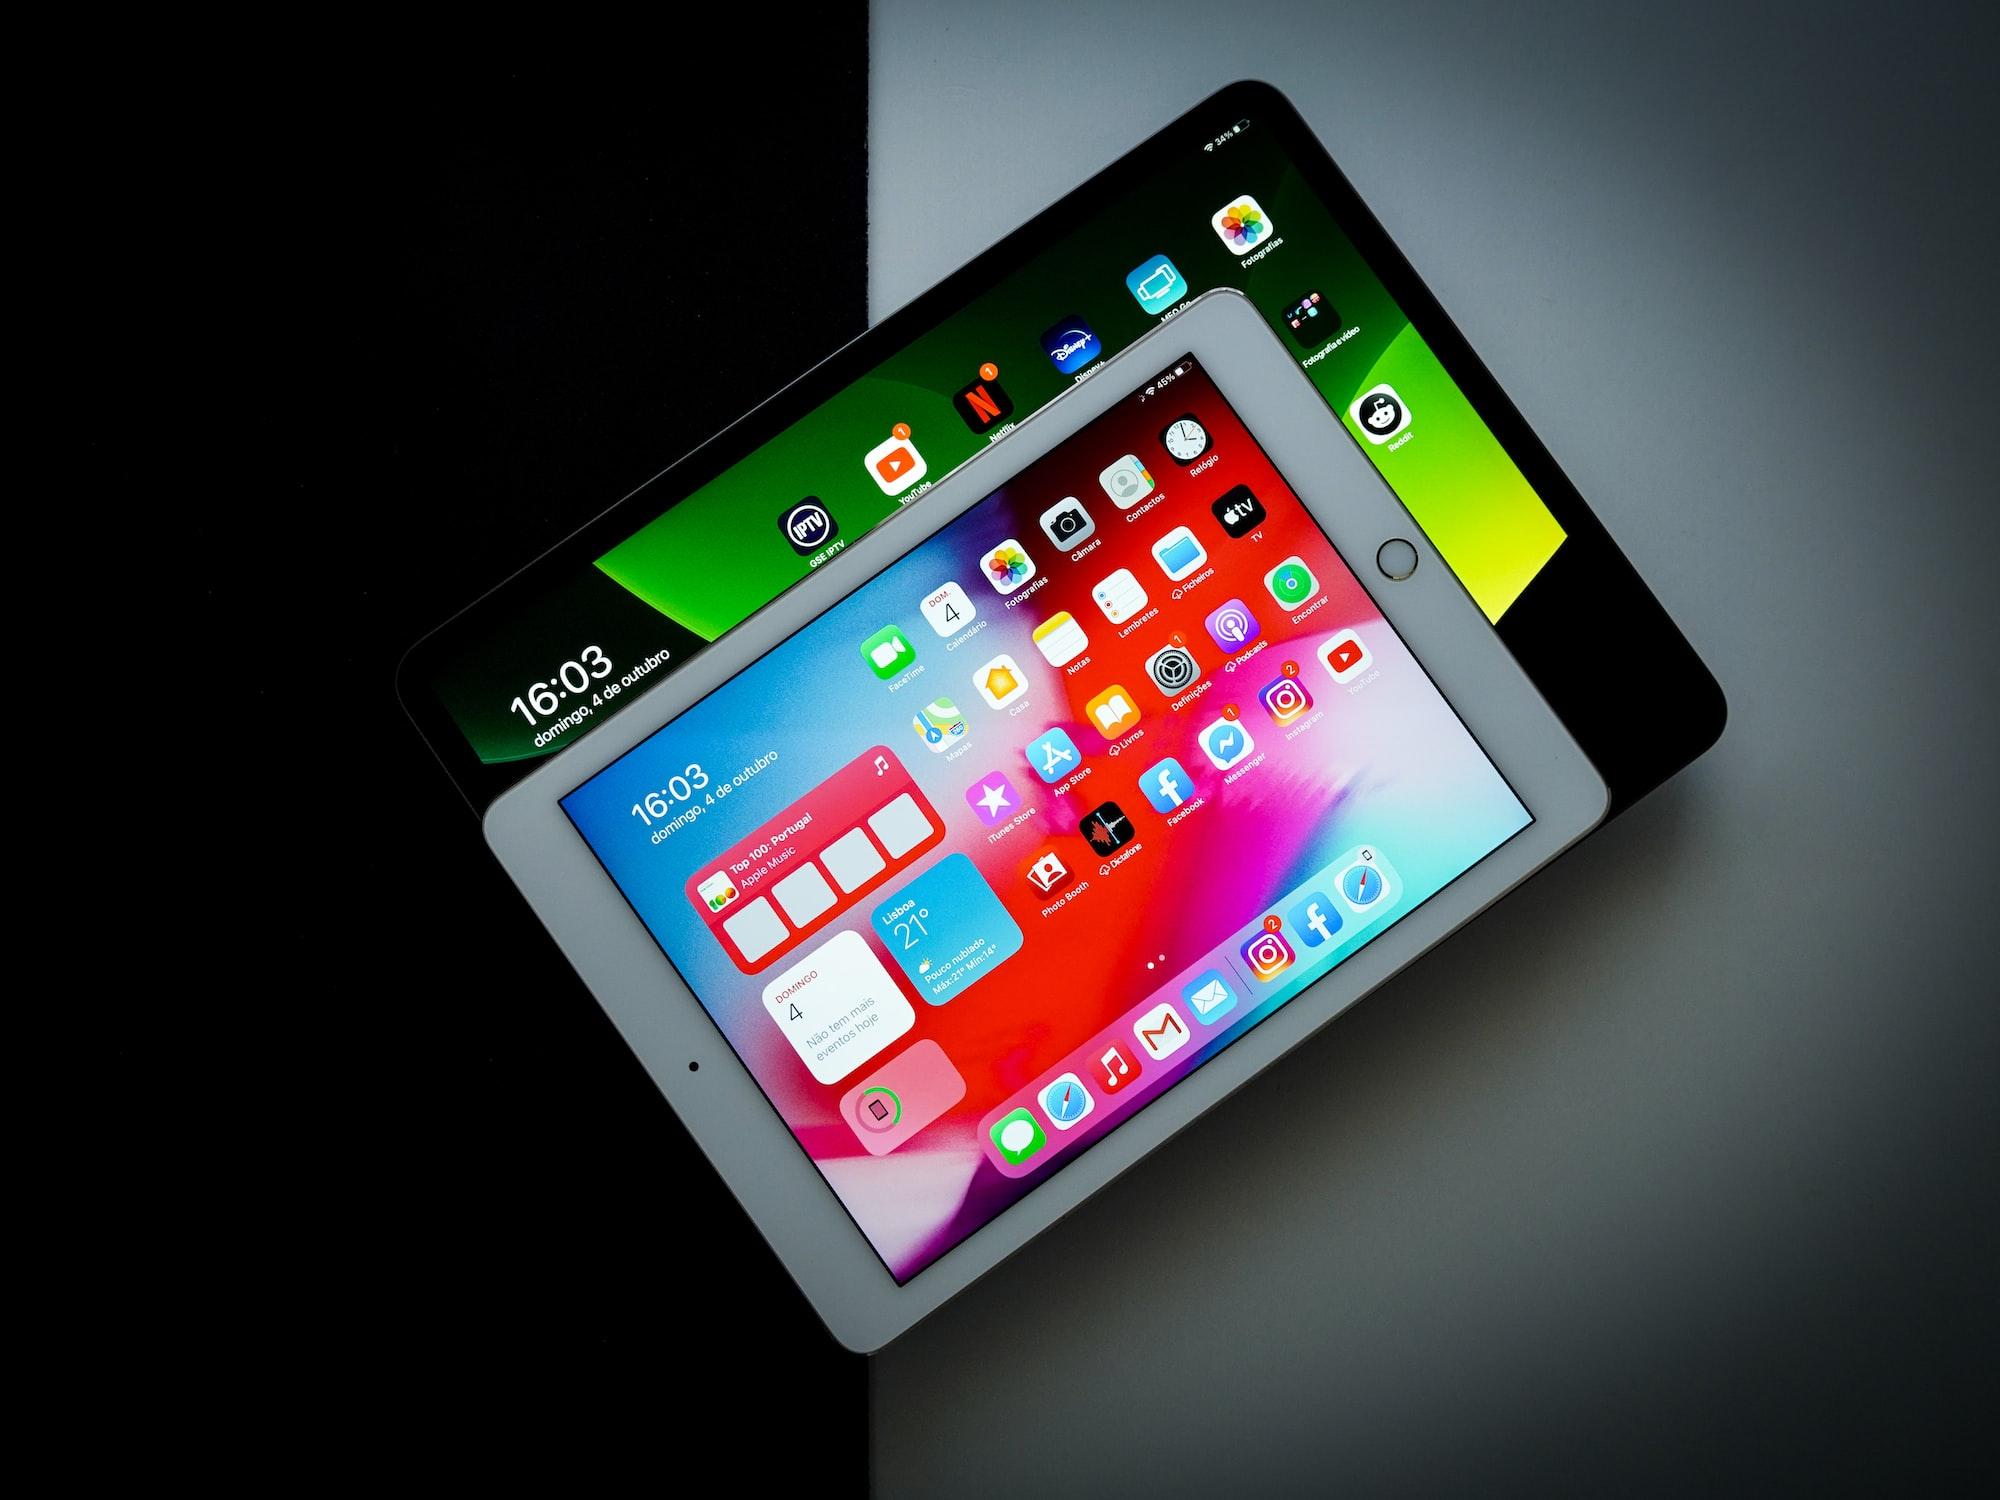 Há algumas funcionalidades do iOS 14 que não chegaram ao iPad. Sabes quais?